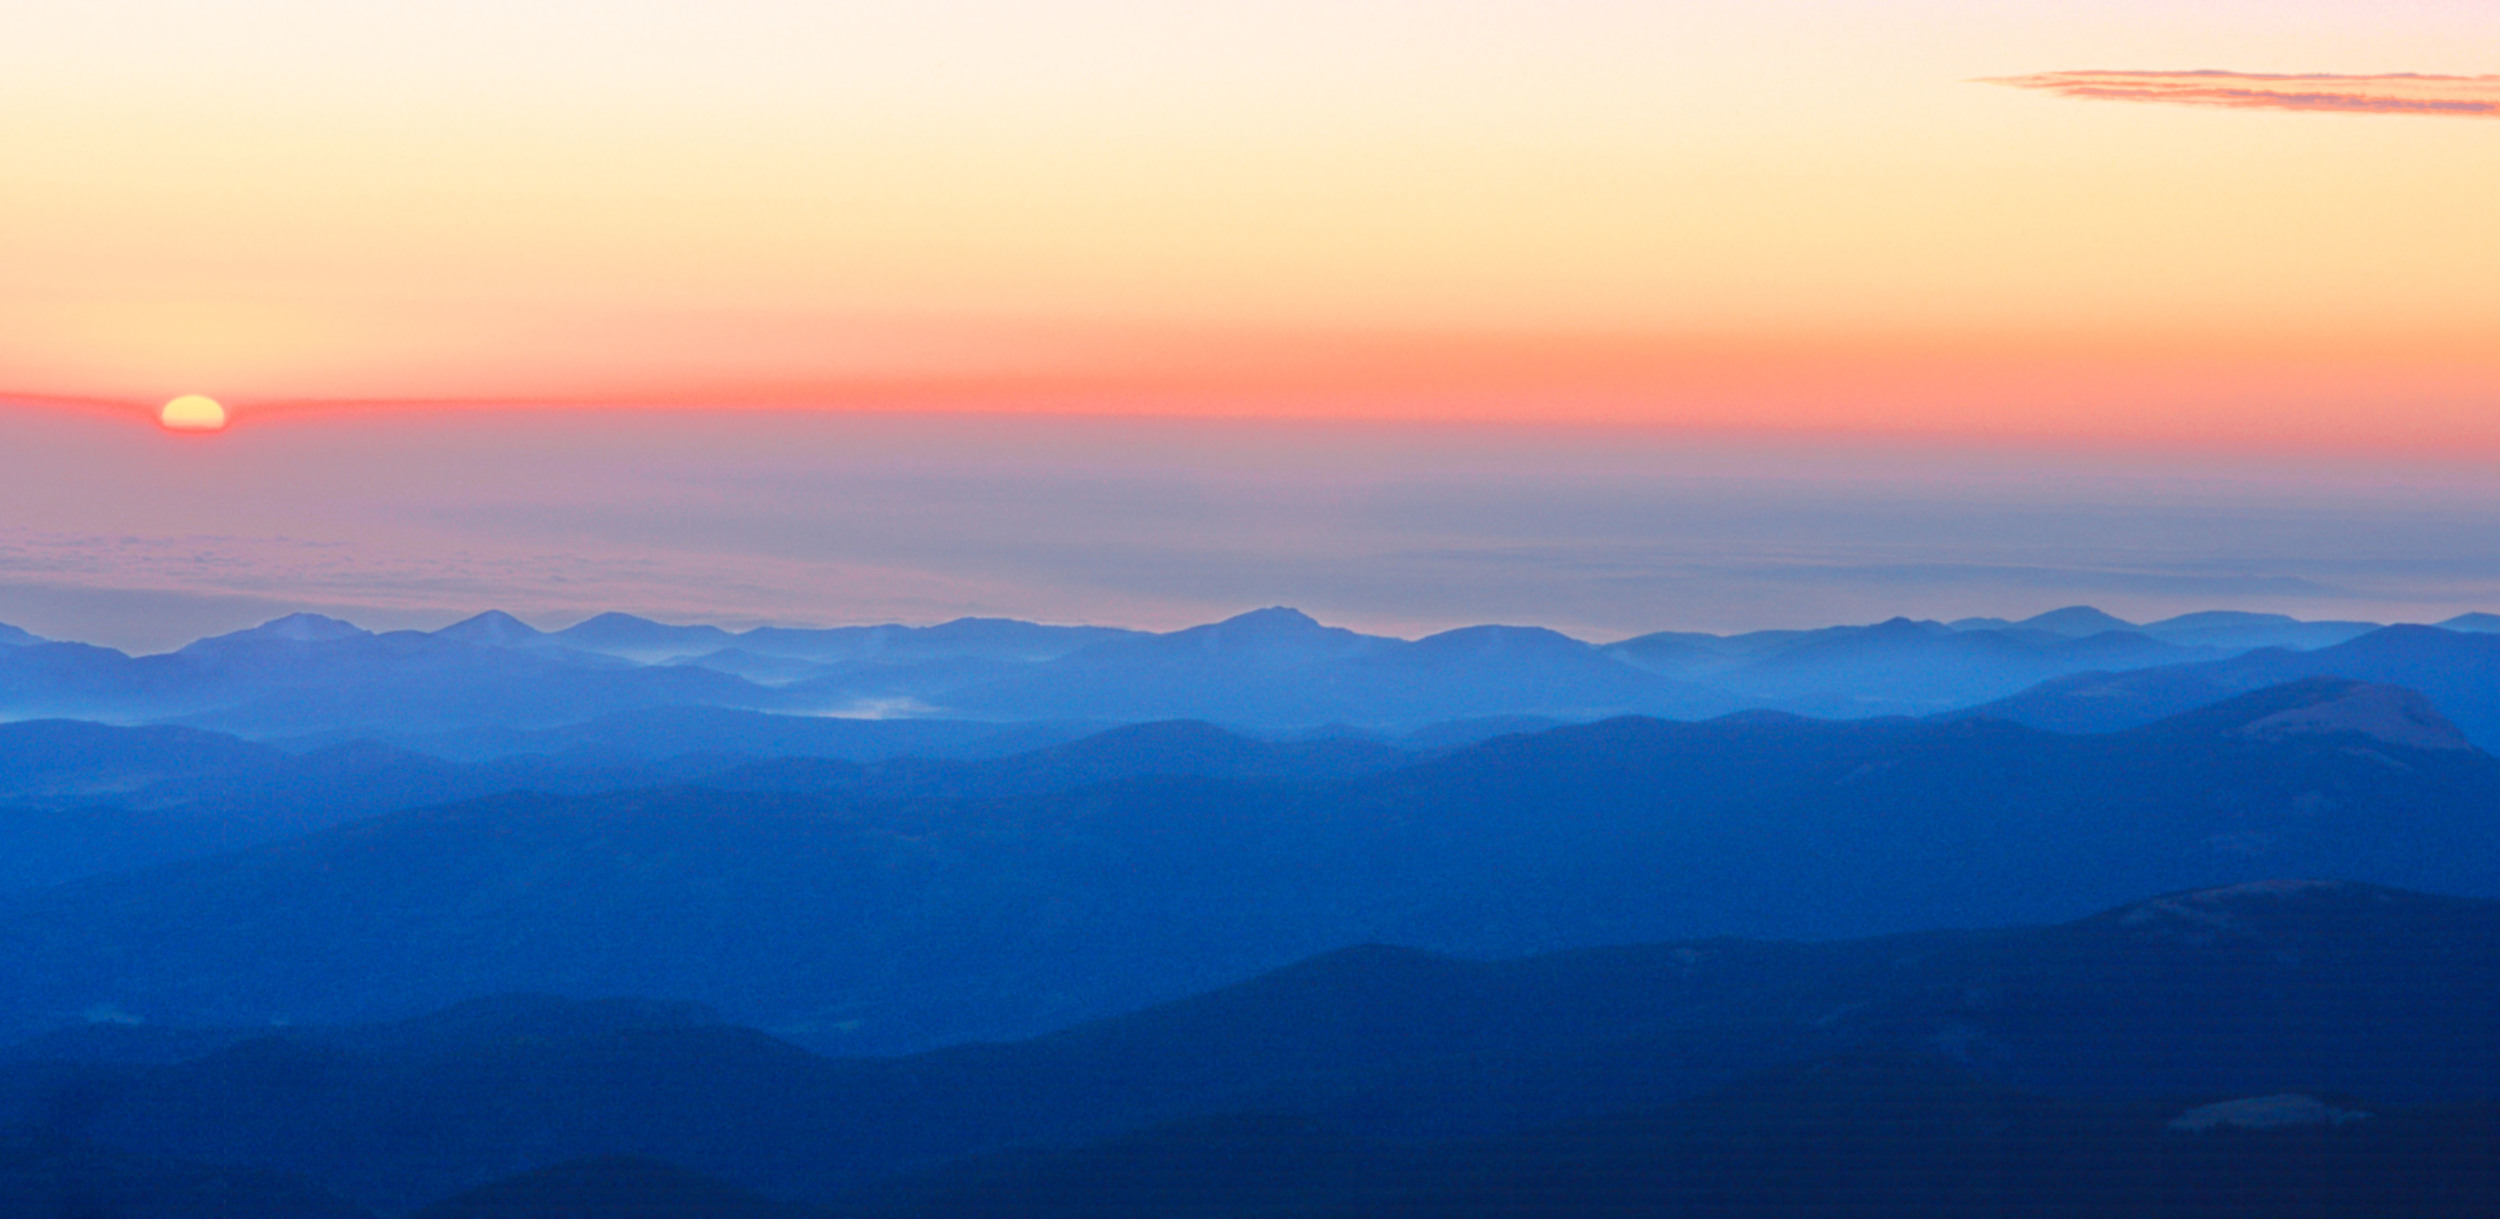 010919_Sunrise over denver from Mount Evans.jpg